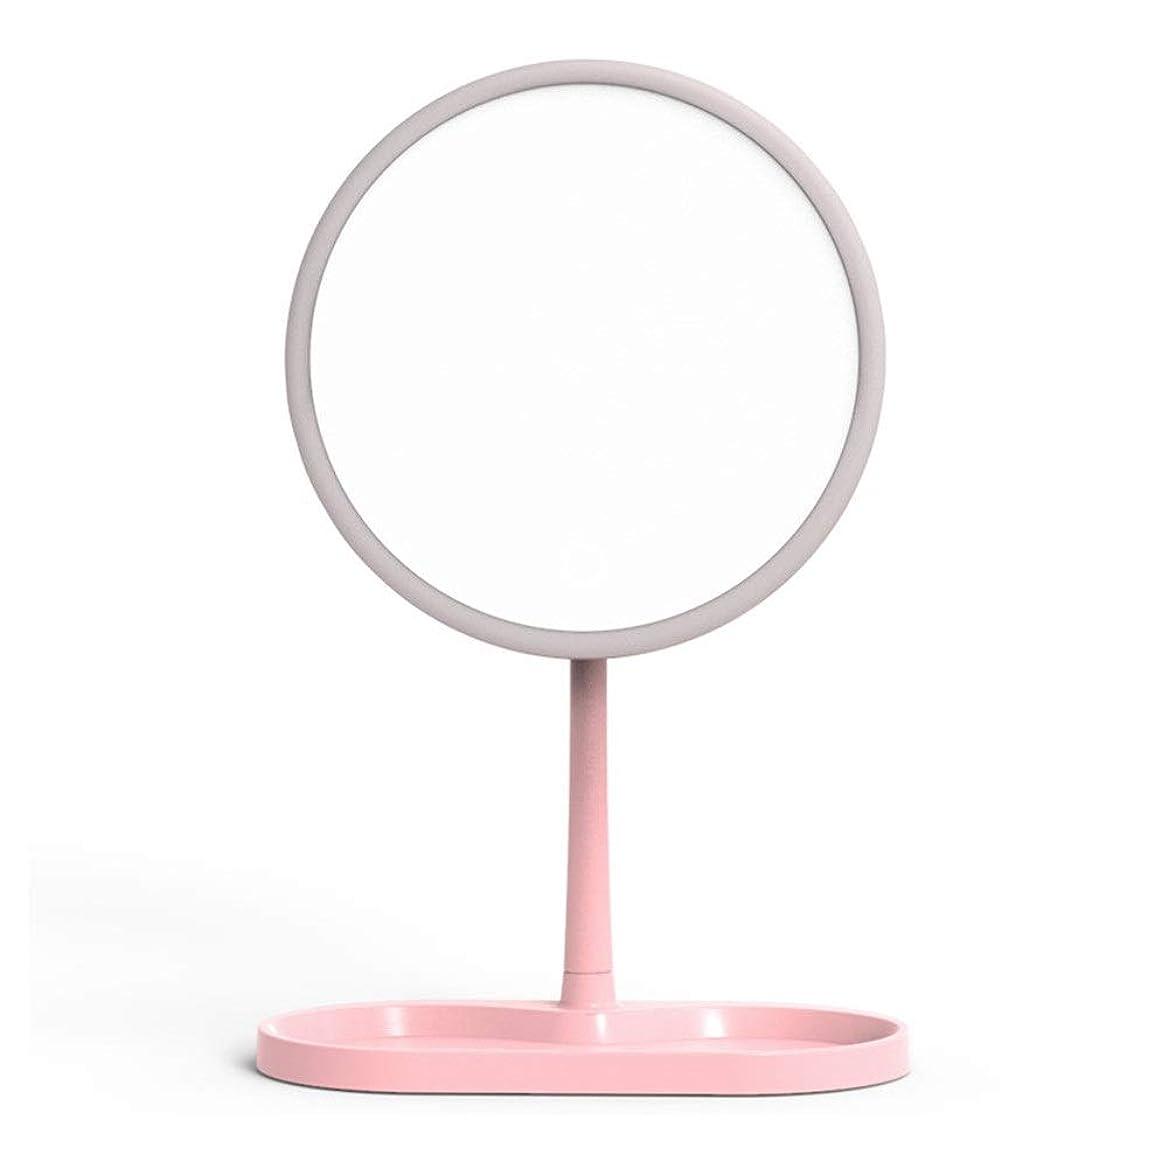 命令的収束各化粧鏡 ポータブル拡大照明付きメイクアップミラー日光LED旅行バニティミラーコンパクト360回転は、浴室2色用のイルミネーション 新年プレゼント (色 : ピンク, サイズ : 19.8x10.7x31.5cm)